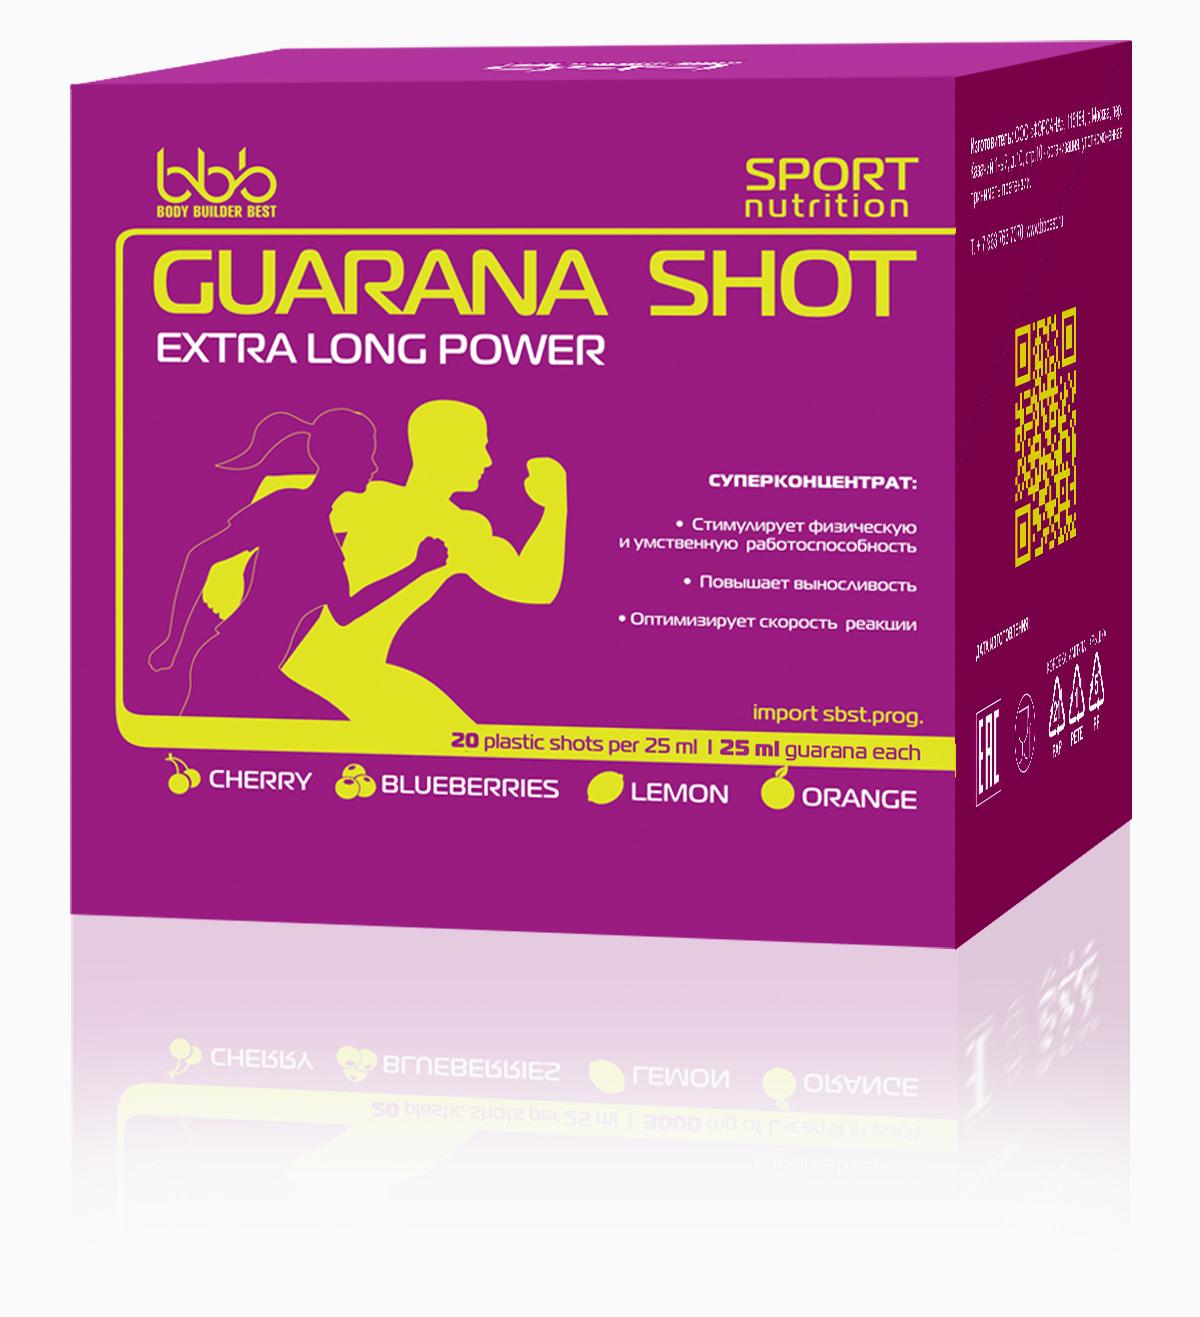 Энергетический напиток bbb  Guarana Shots , 20 шт x 25 мл. 105628 - Энергетики